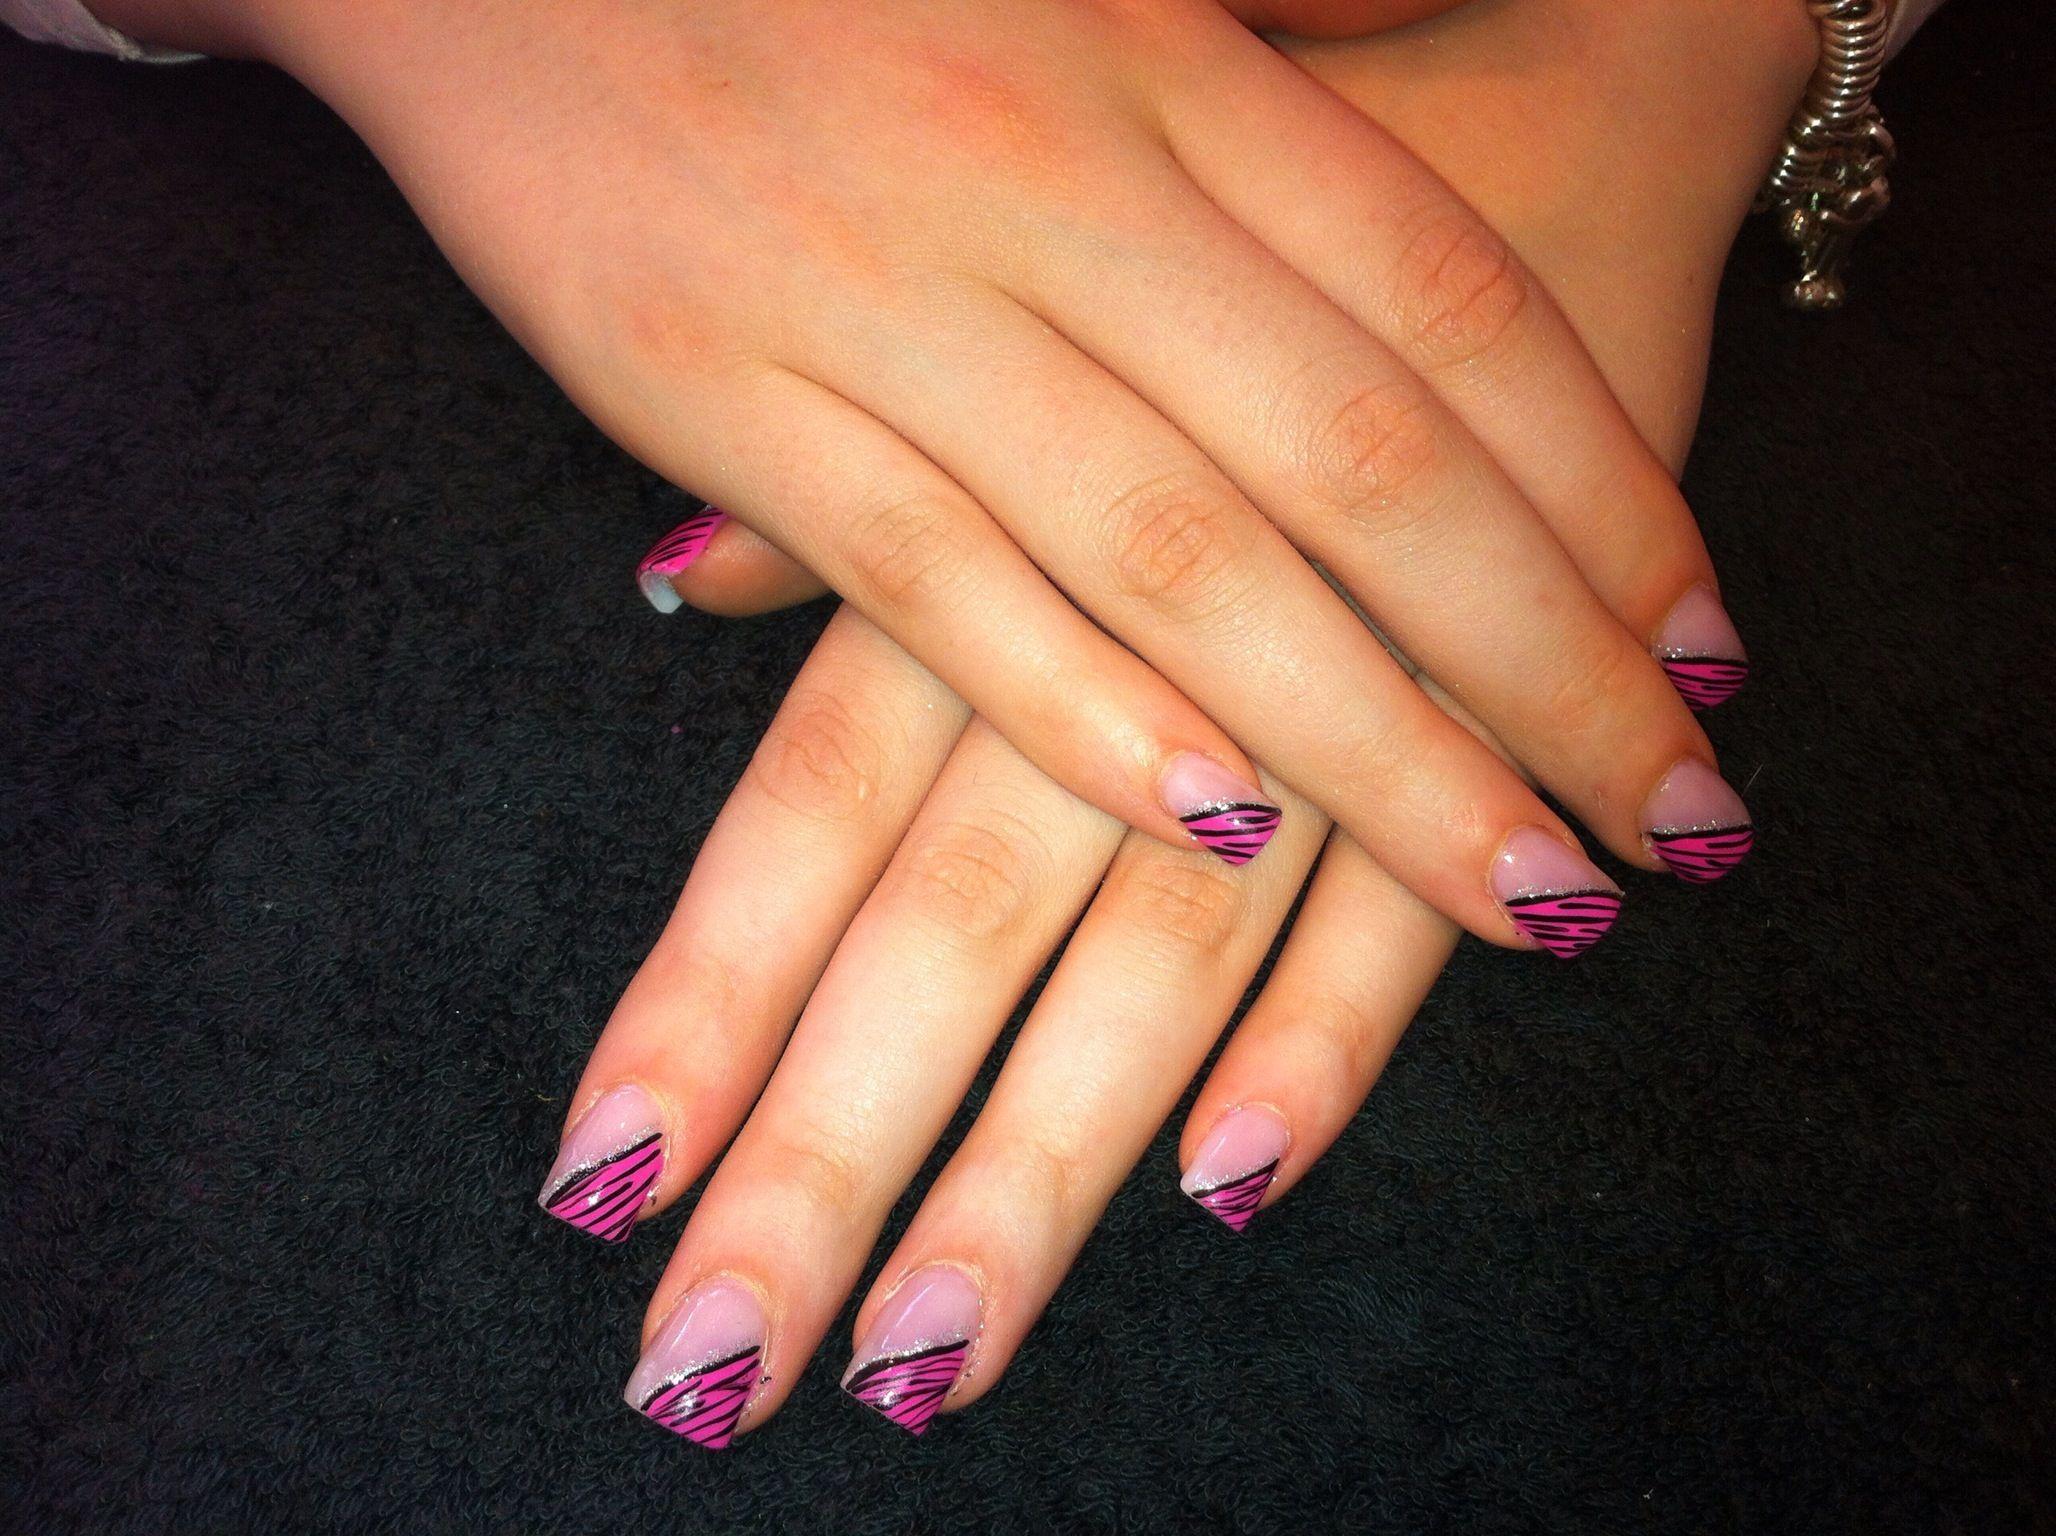 Pink zebra nails nails pinterest - Pink Zebra Nail Art Nails Pinterest Pink Zebra Nails And Zebras Pink Zebra Nail Art